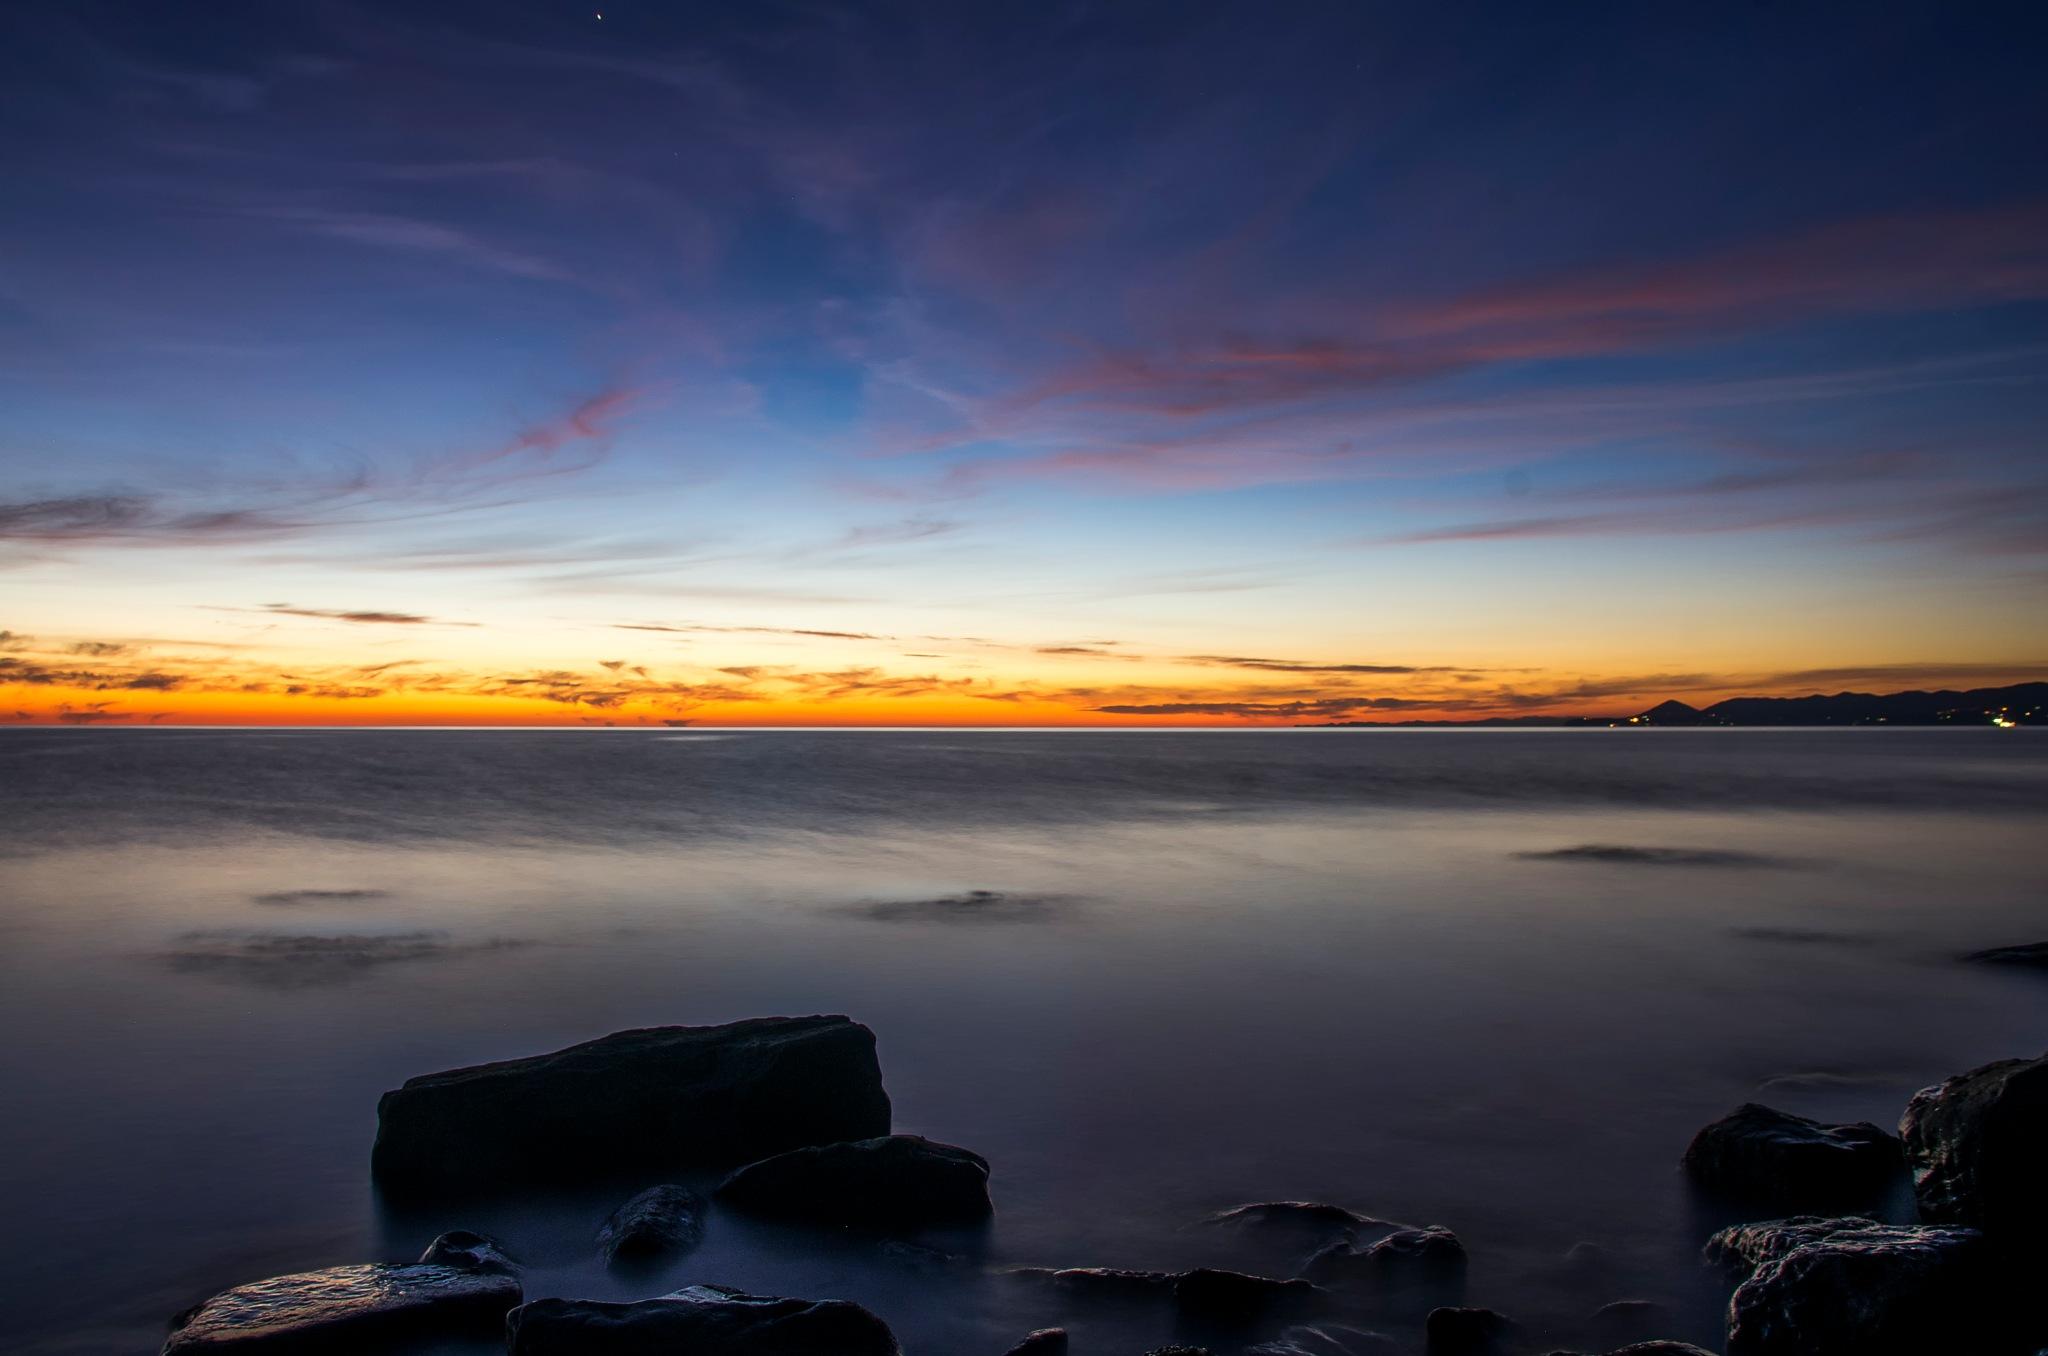 Sea sunset by Roman Prikhodko